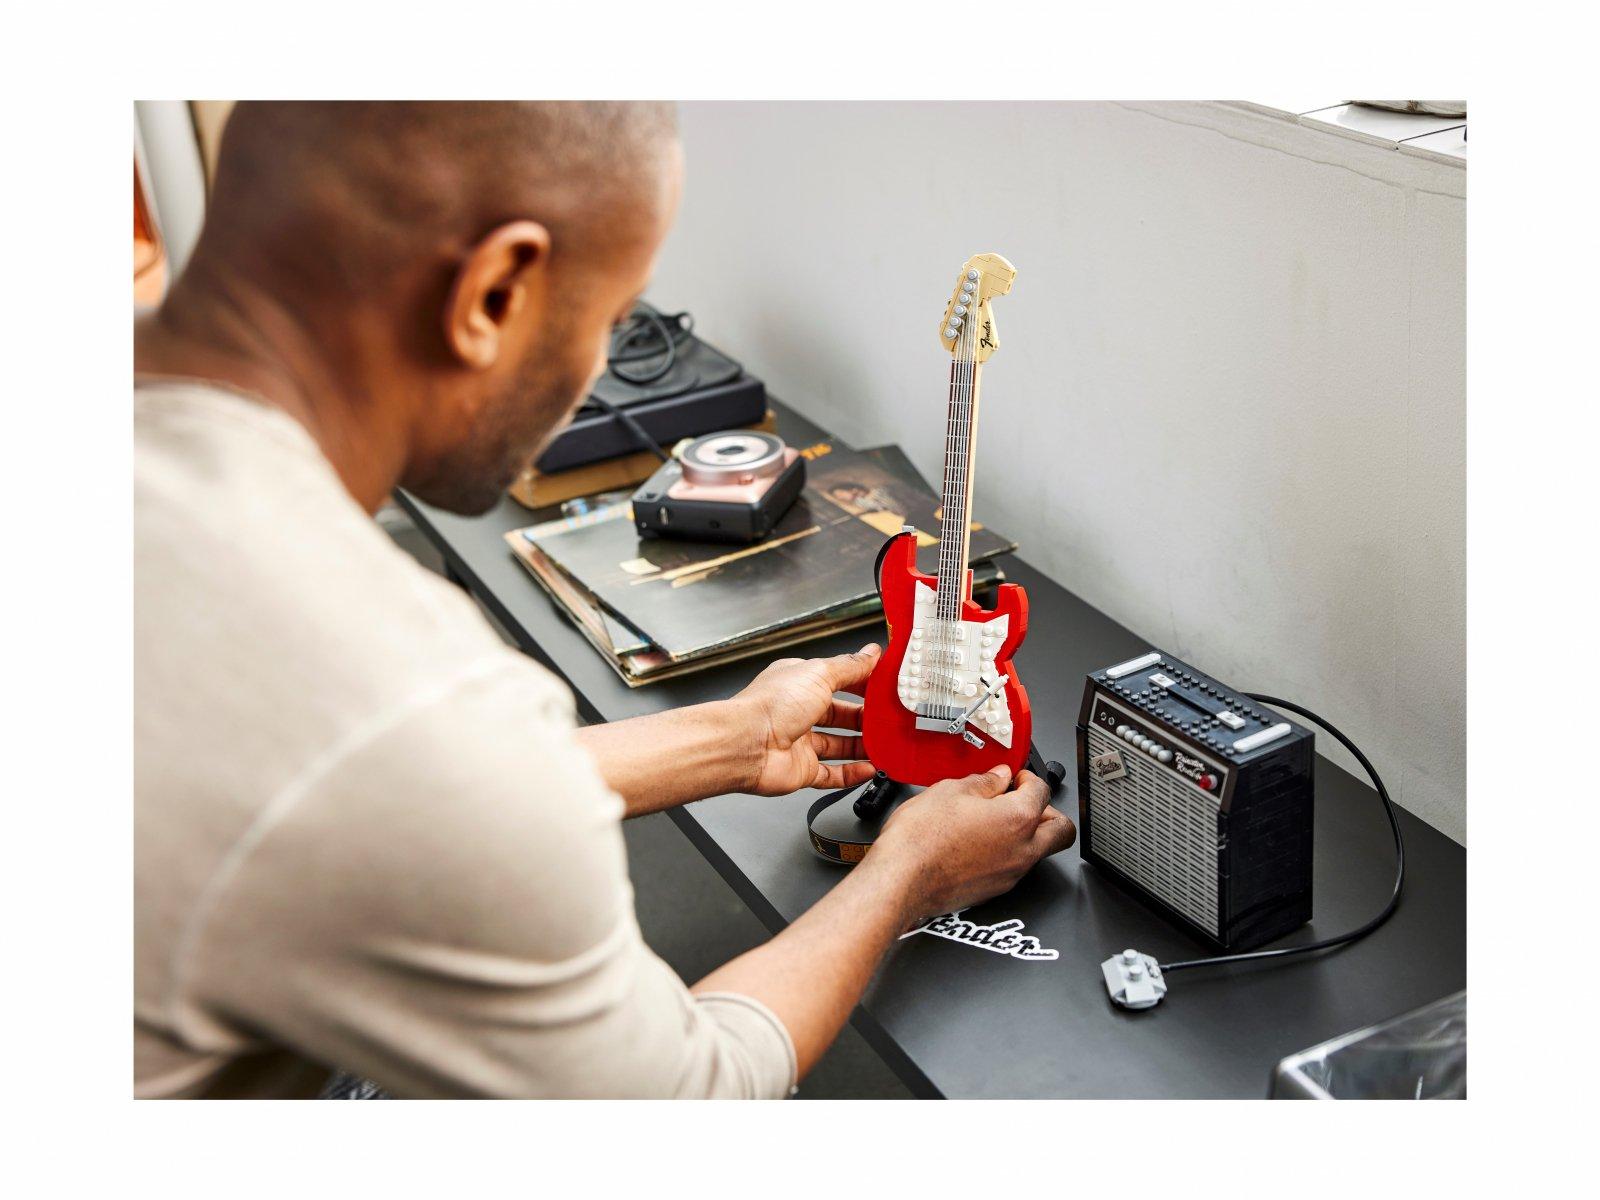 LEGO 21329 Fender® Stratocaster™